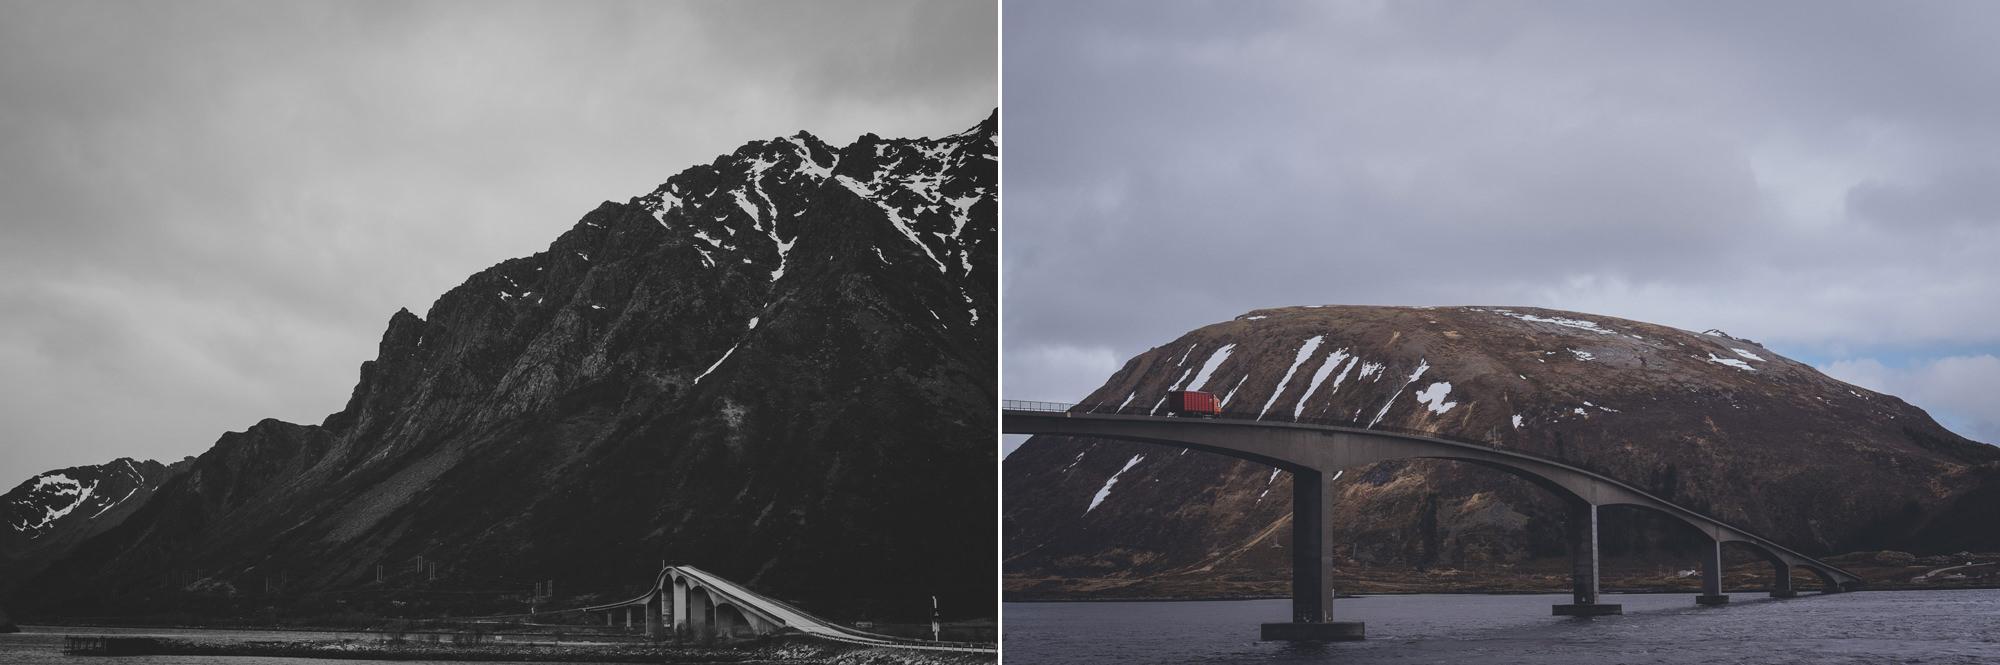 Fuji XPRO2 landscape photos